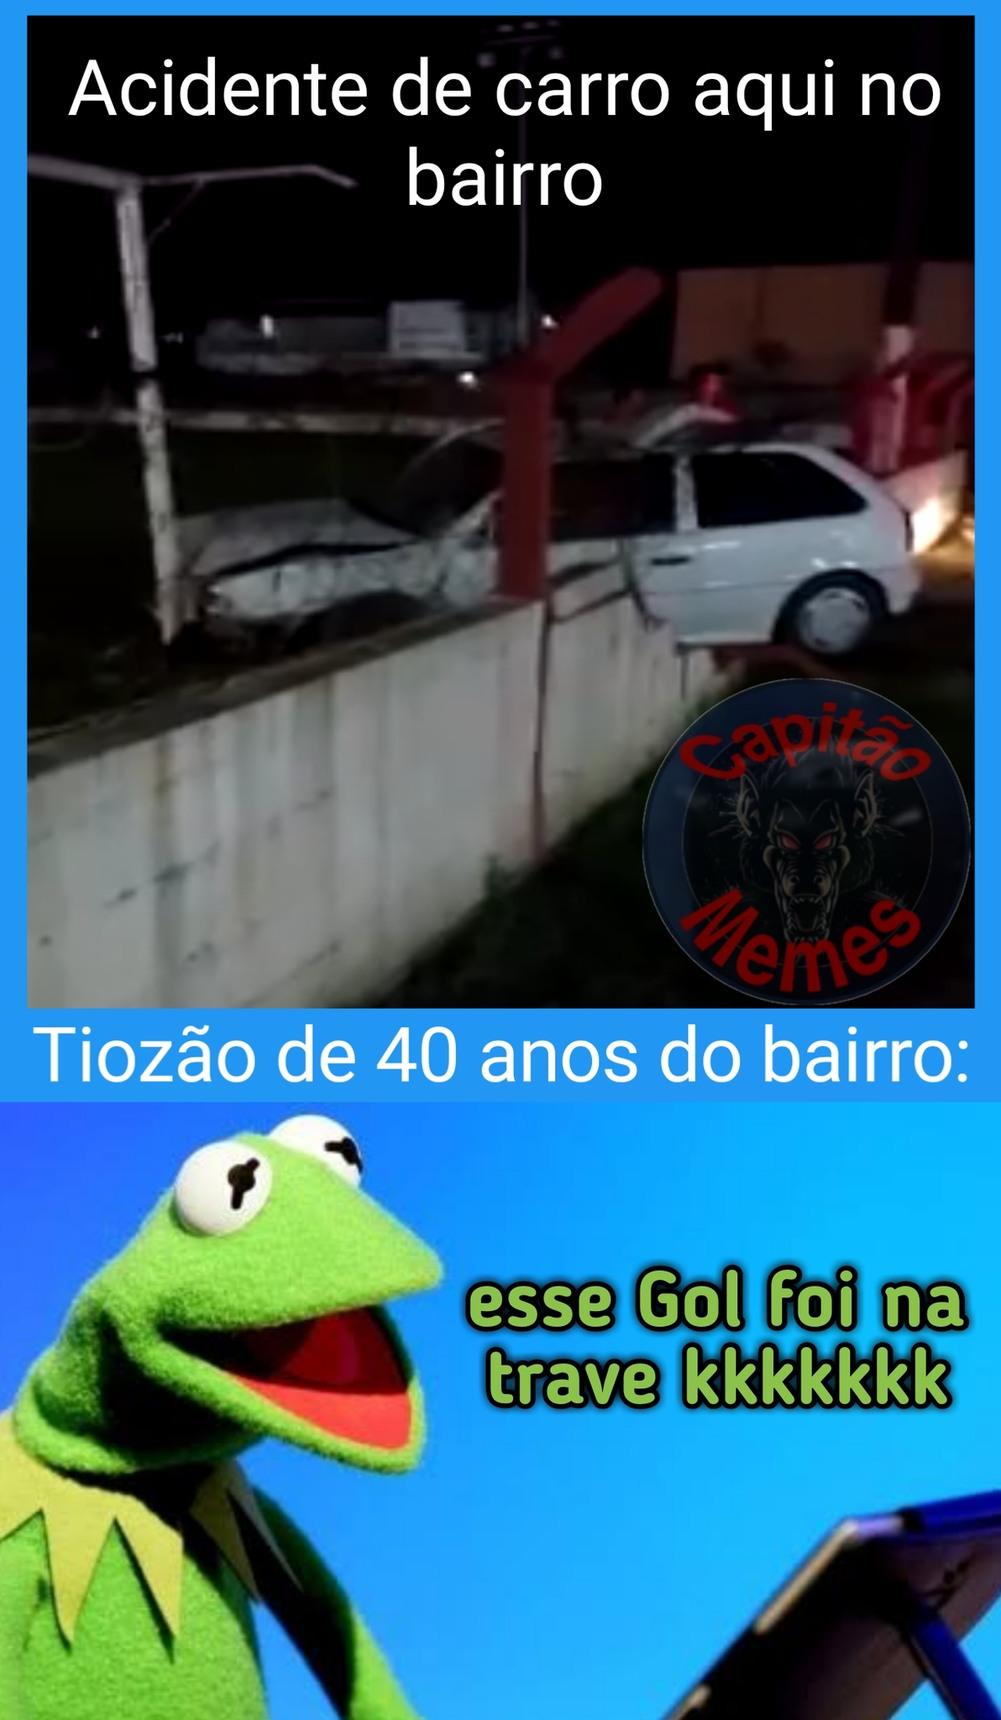 Paveoupacome - meme